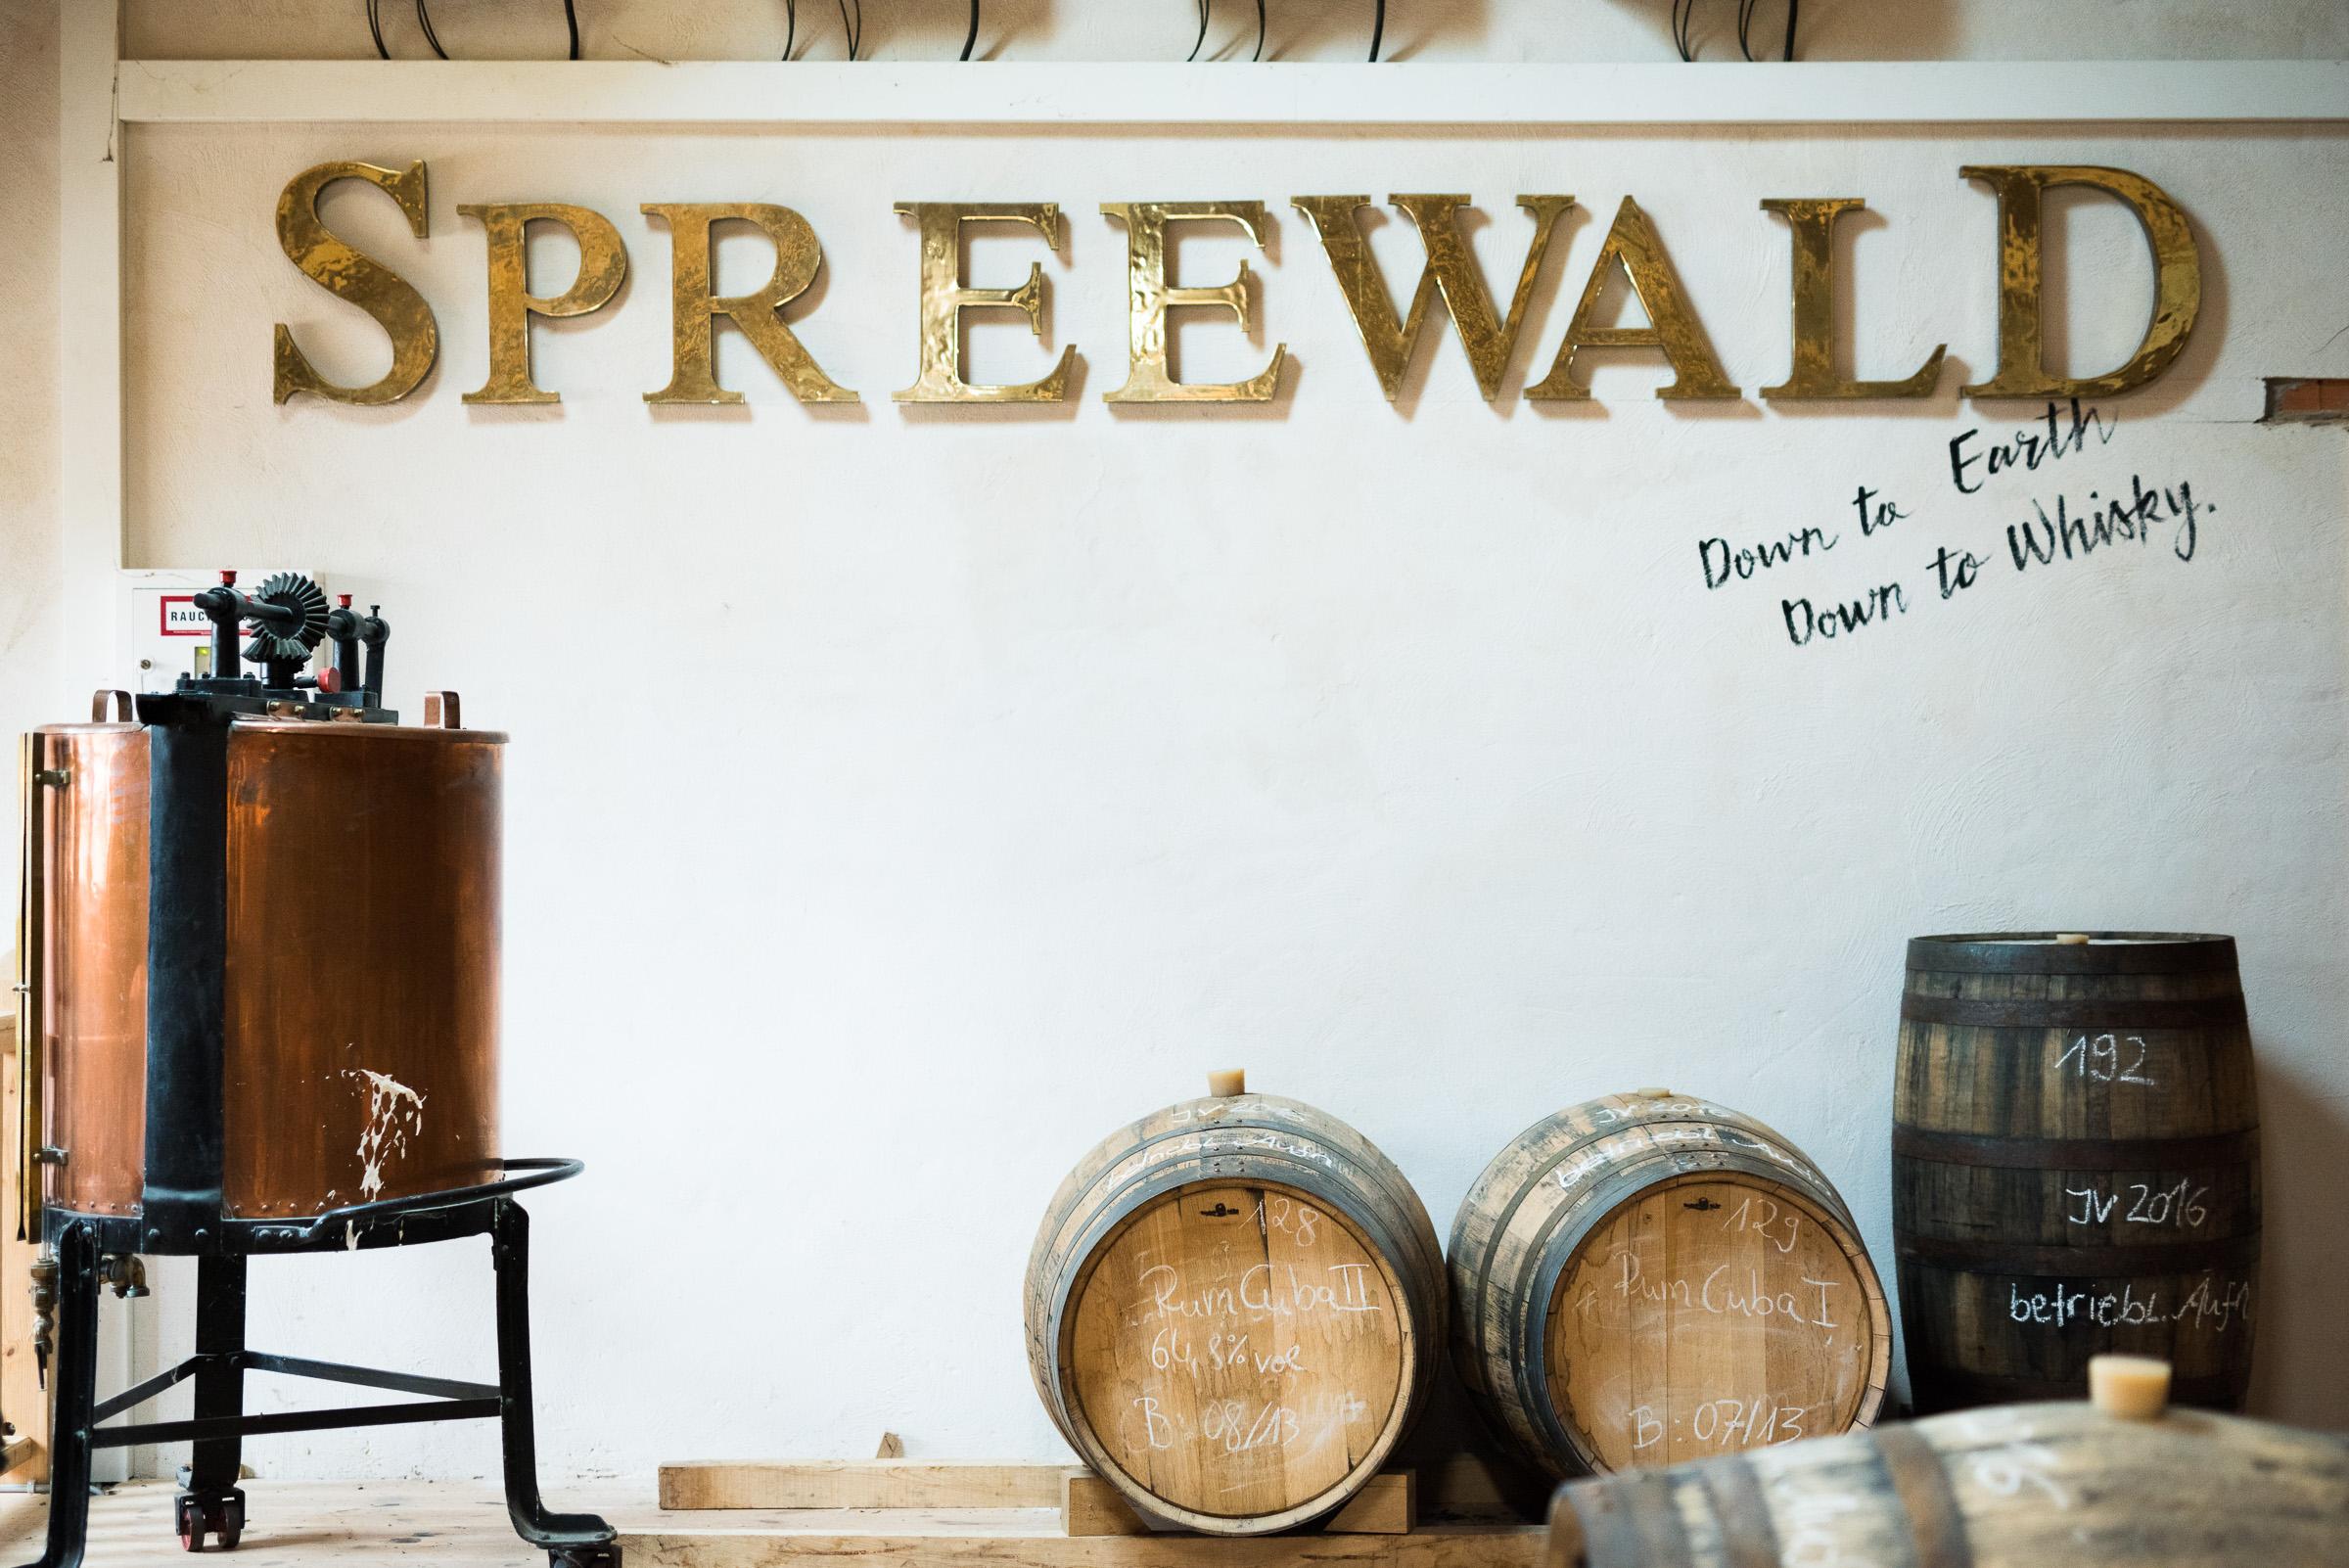 spreewood-distillers-german-rye-whisky